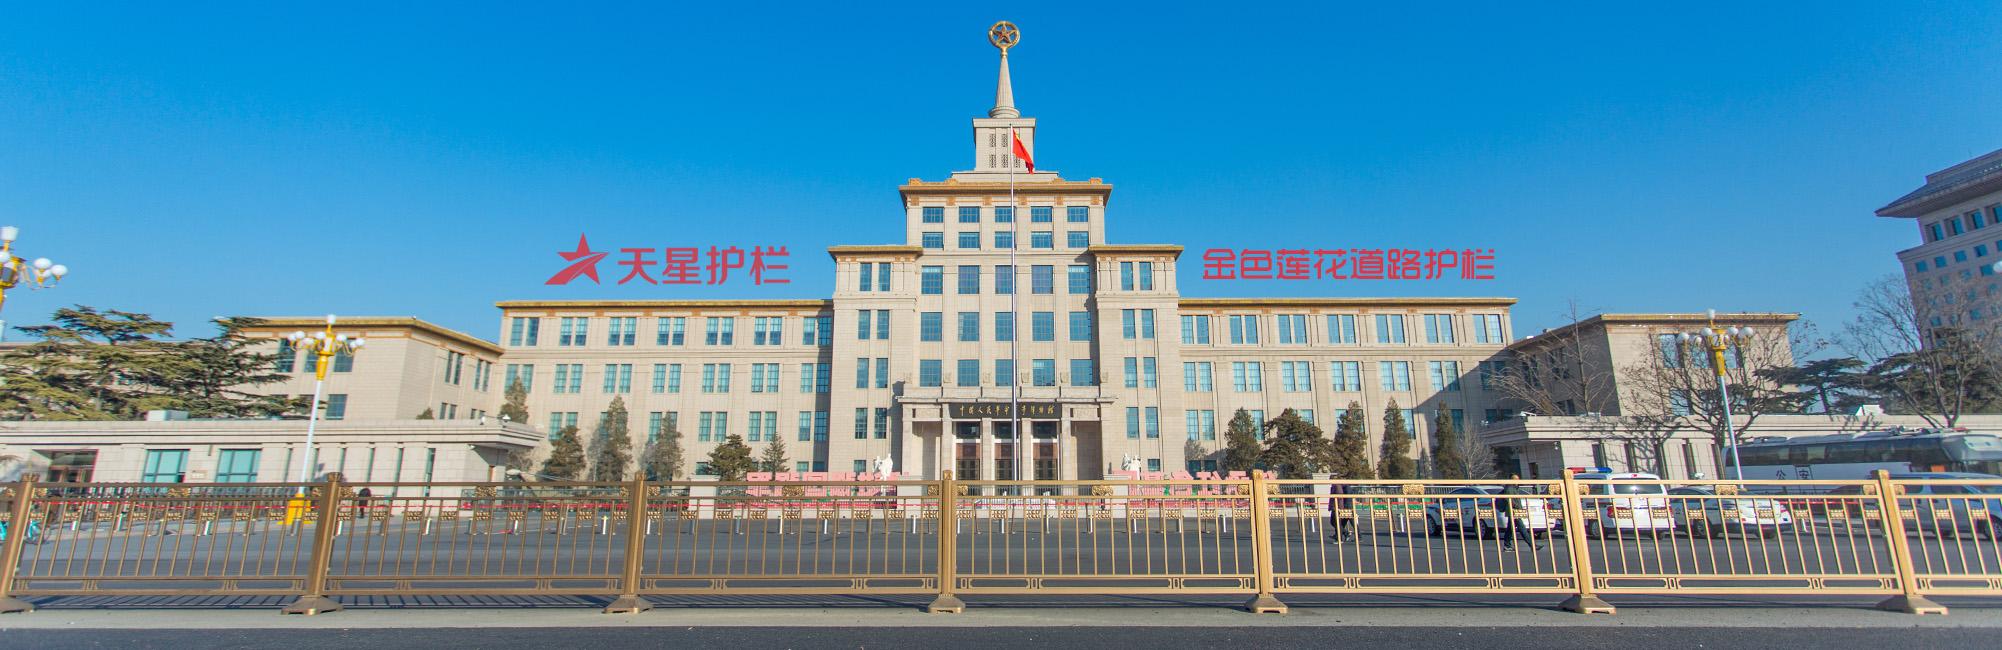 北京长安街金色护栏